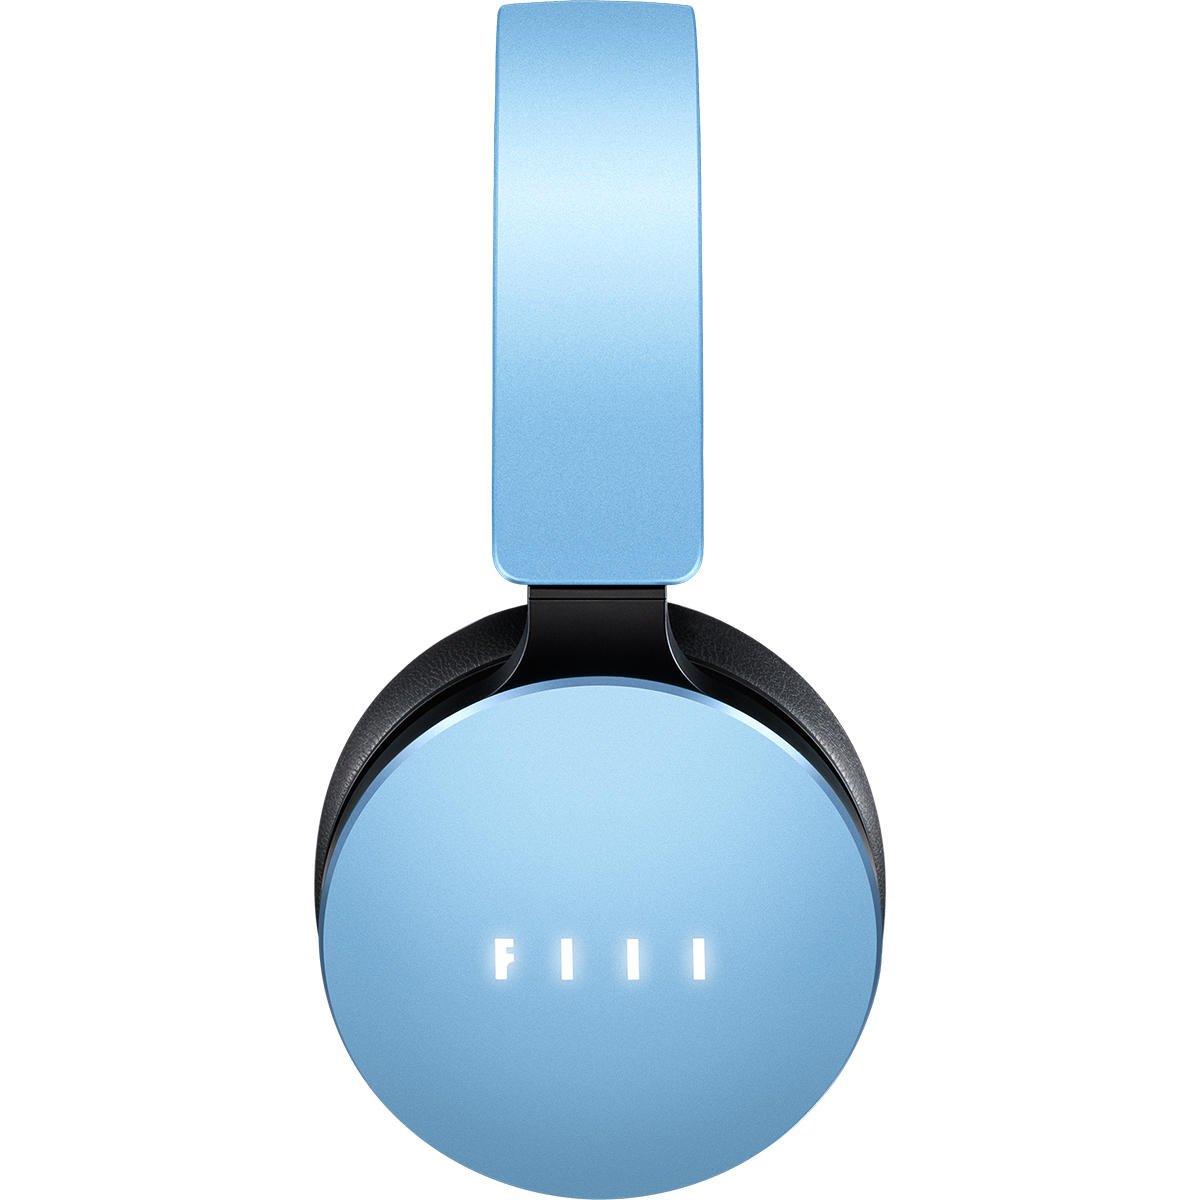 FIIL Aqua-blue_03